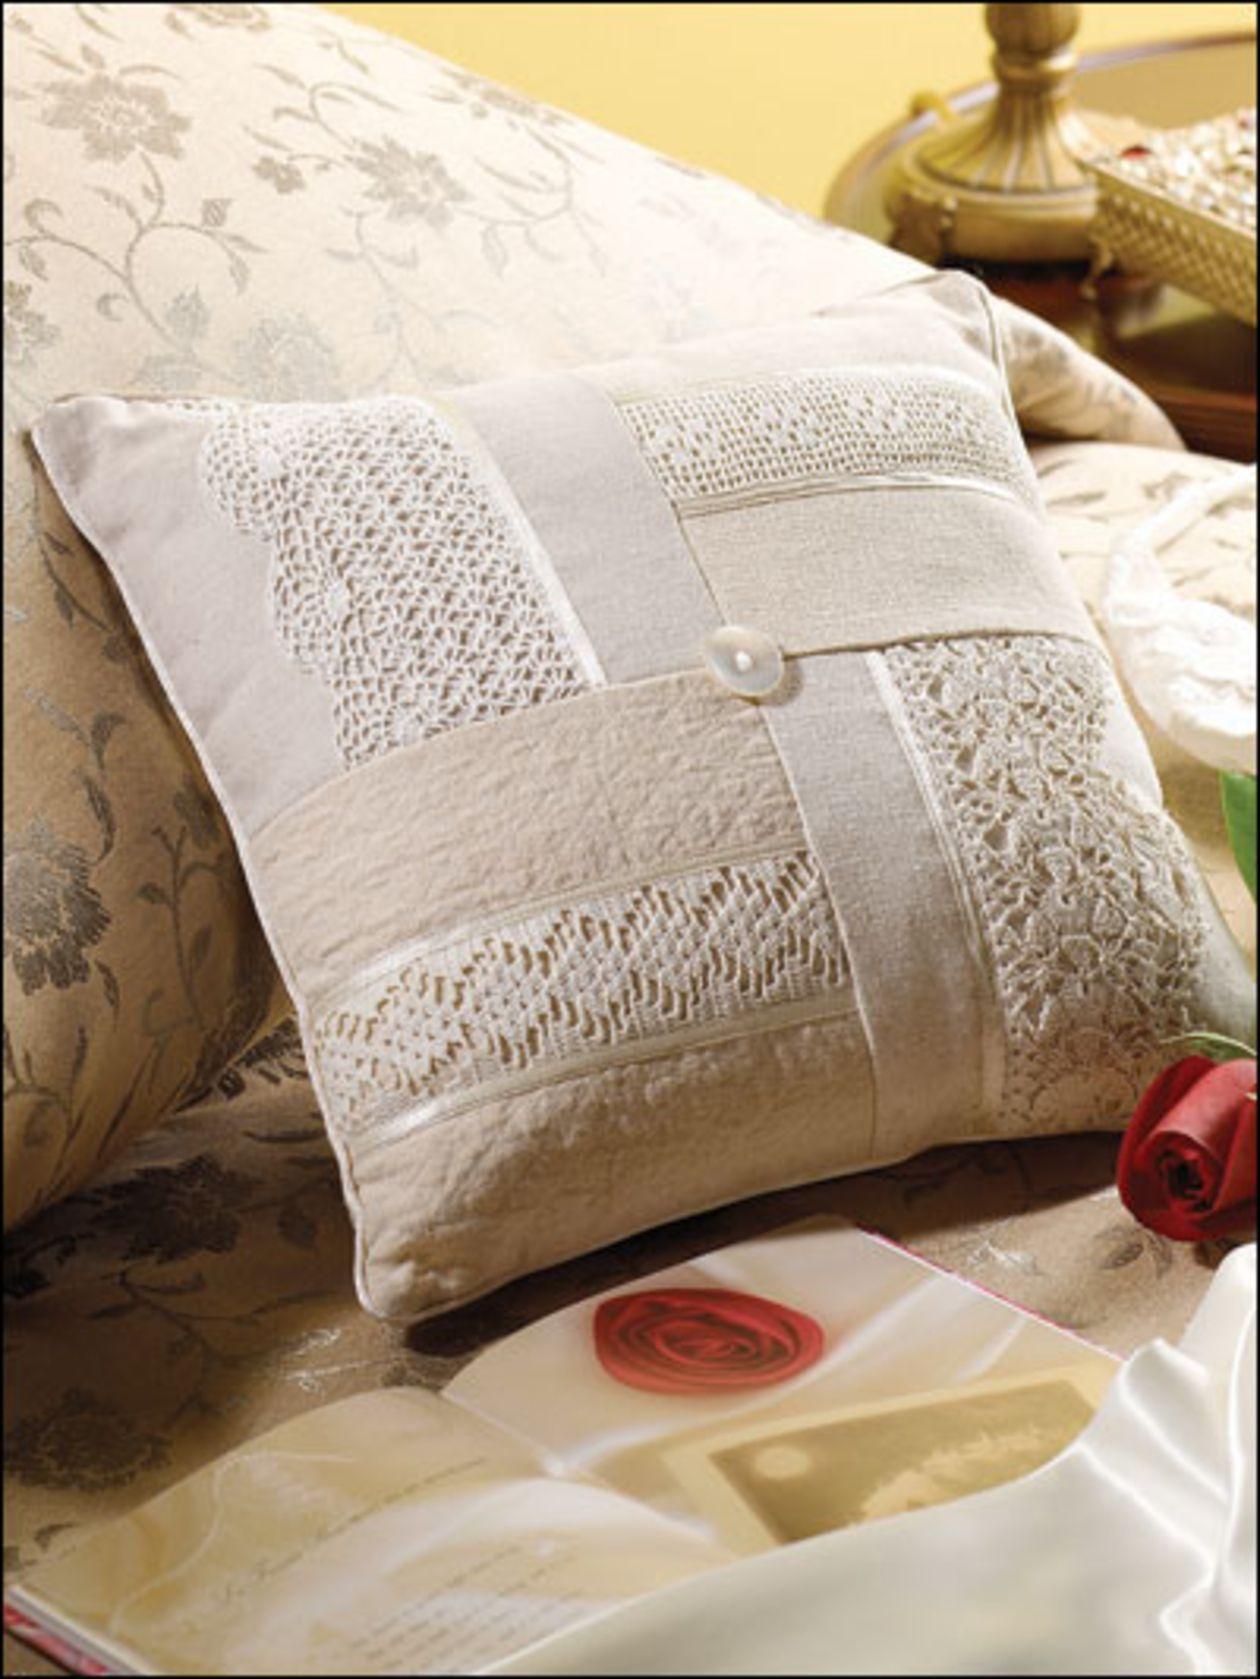 No s lo las telas de patchwork de algod n pueden servir - Cojines de patchwork ...